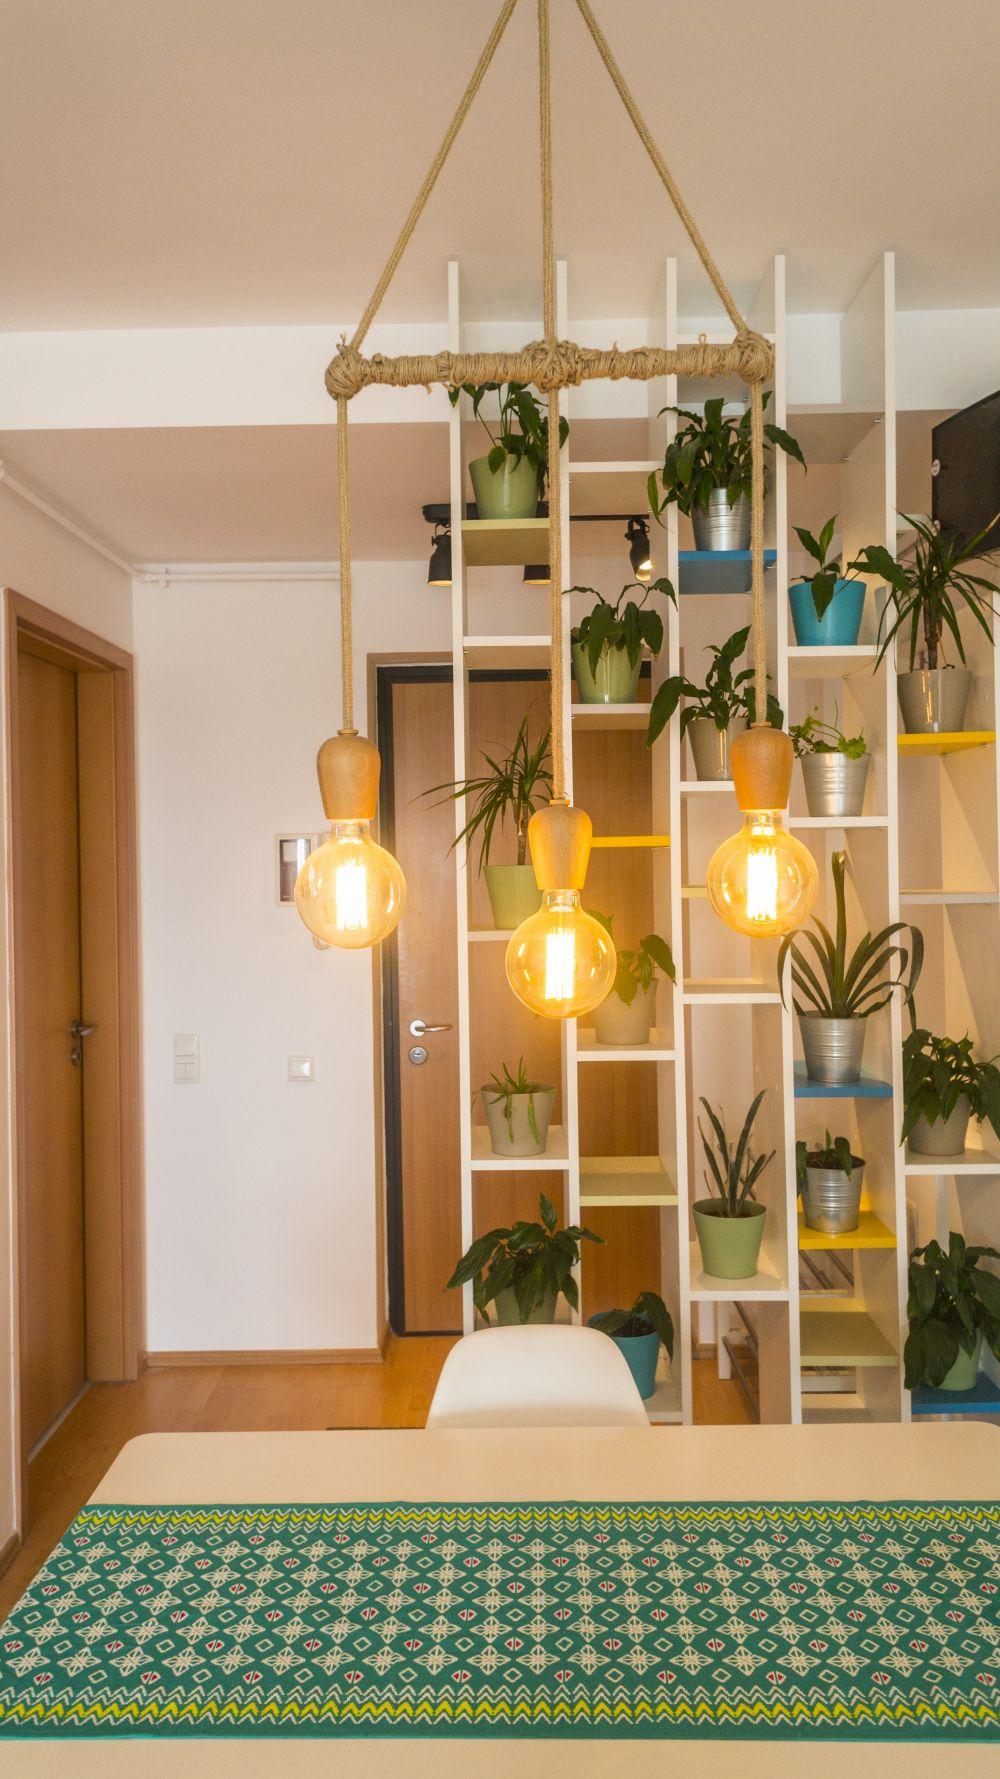 adelaparvu.com despre apartament de 3 camere, 90 mp, in stil scandinav, Bucuresti, design arh. Cristian Emanuel Patrascu (3)